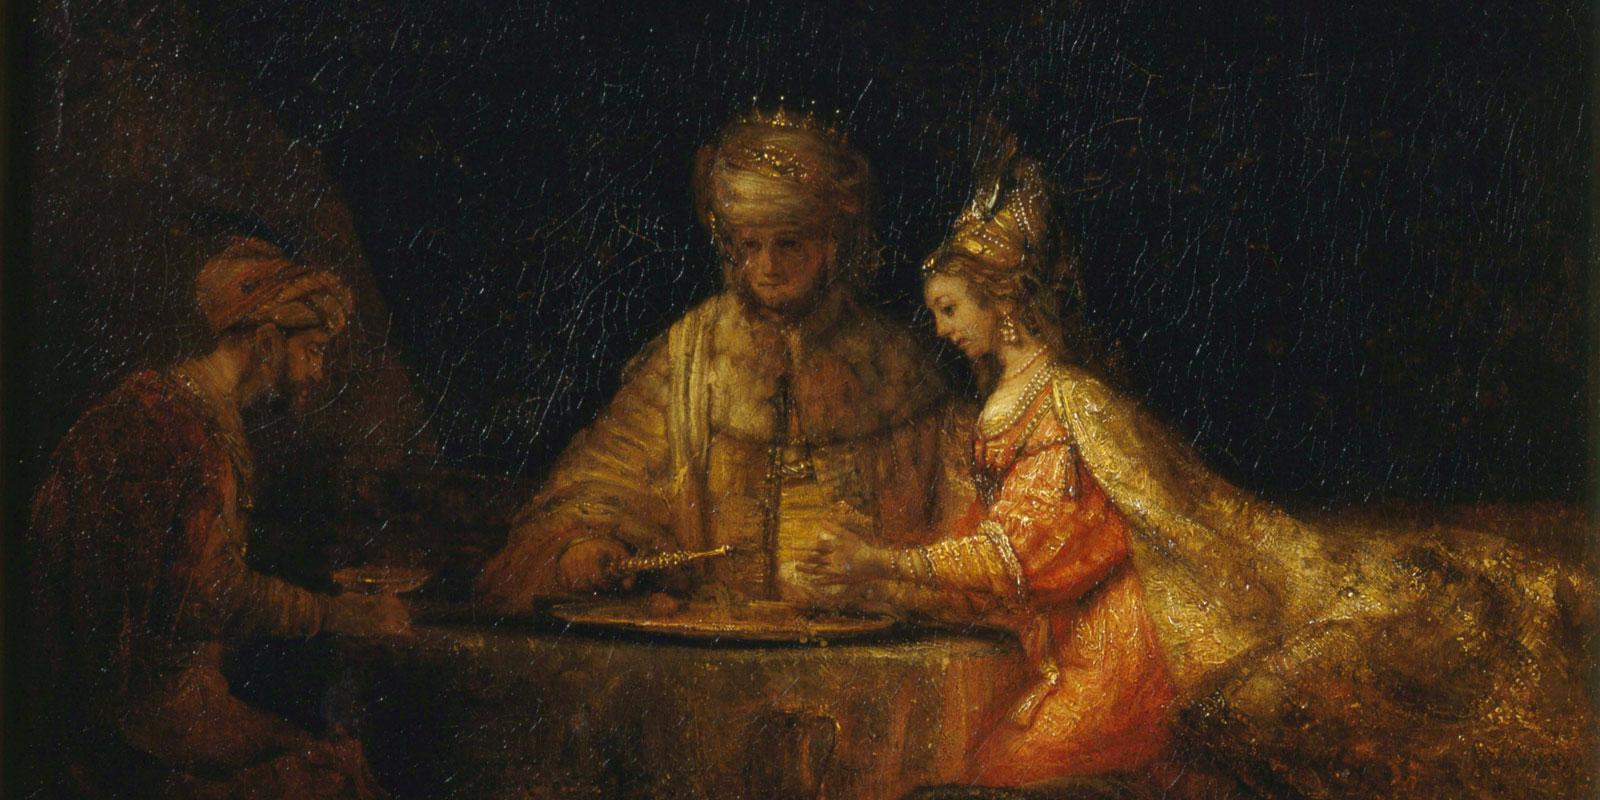 Königin Esther von Persien mit König Xerxes und Haman